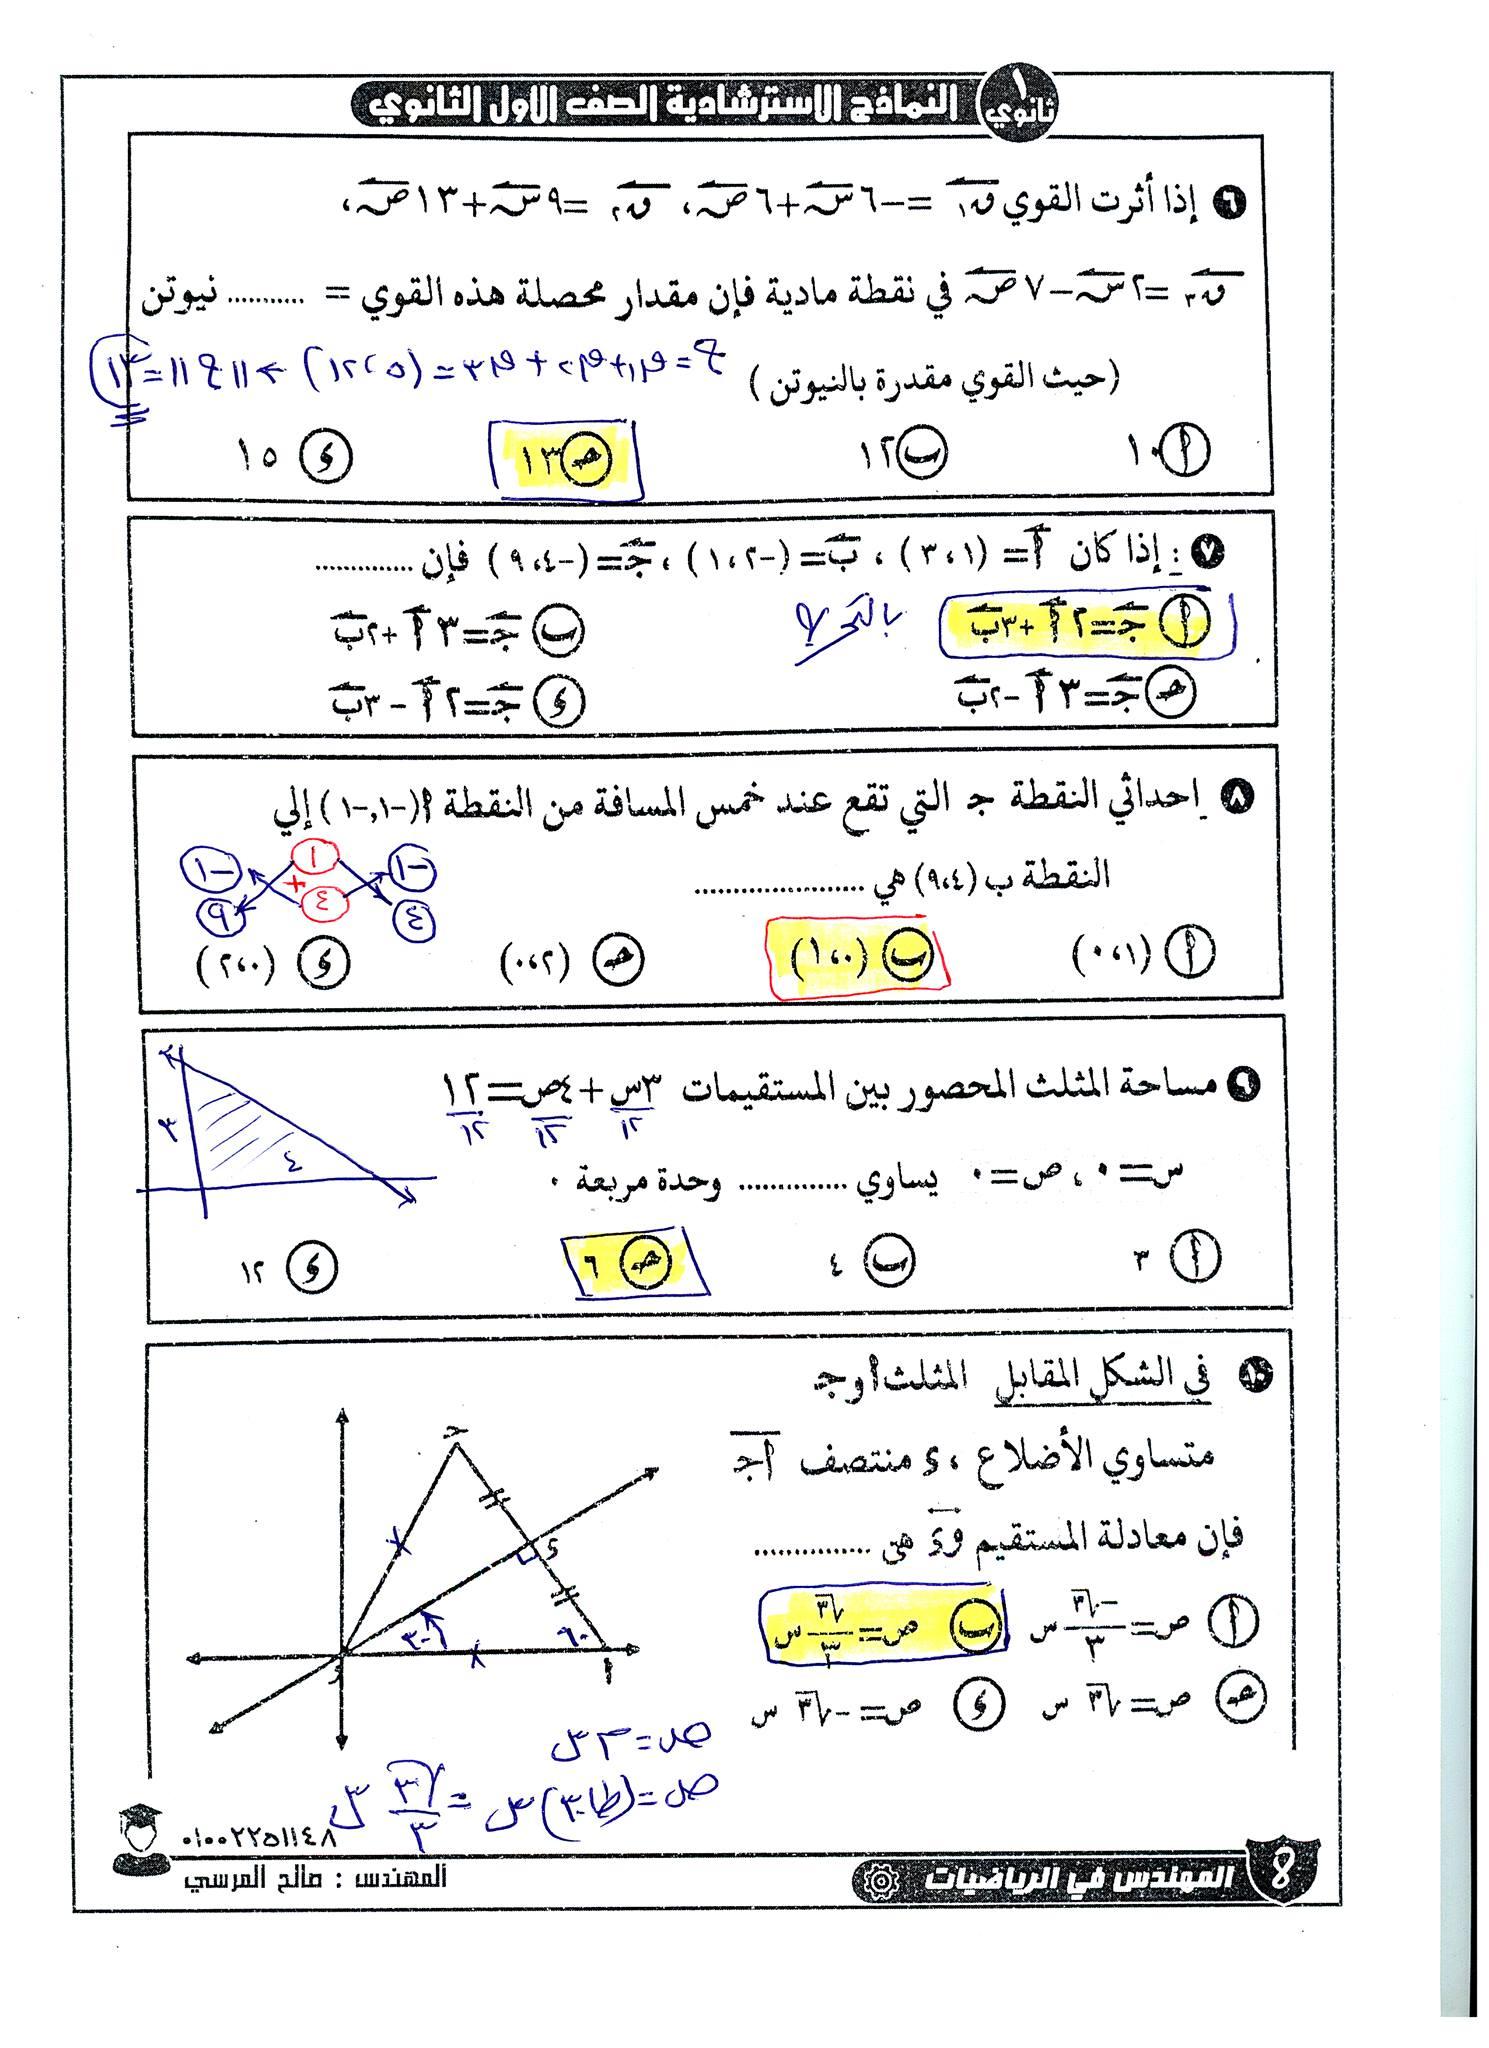 مراجعة ليلة الامتحان رياضيات للصف الأول الثانوي ترم ثاني.. ملخص كامل متكامل للقوانين و حل النماذج الاسترشادية 14